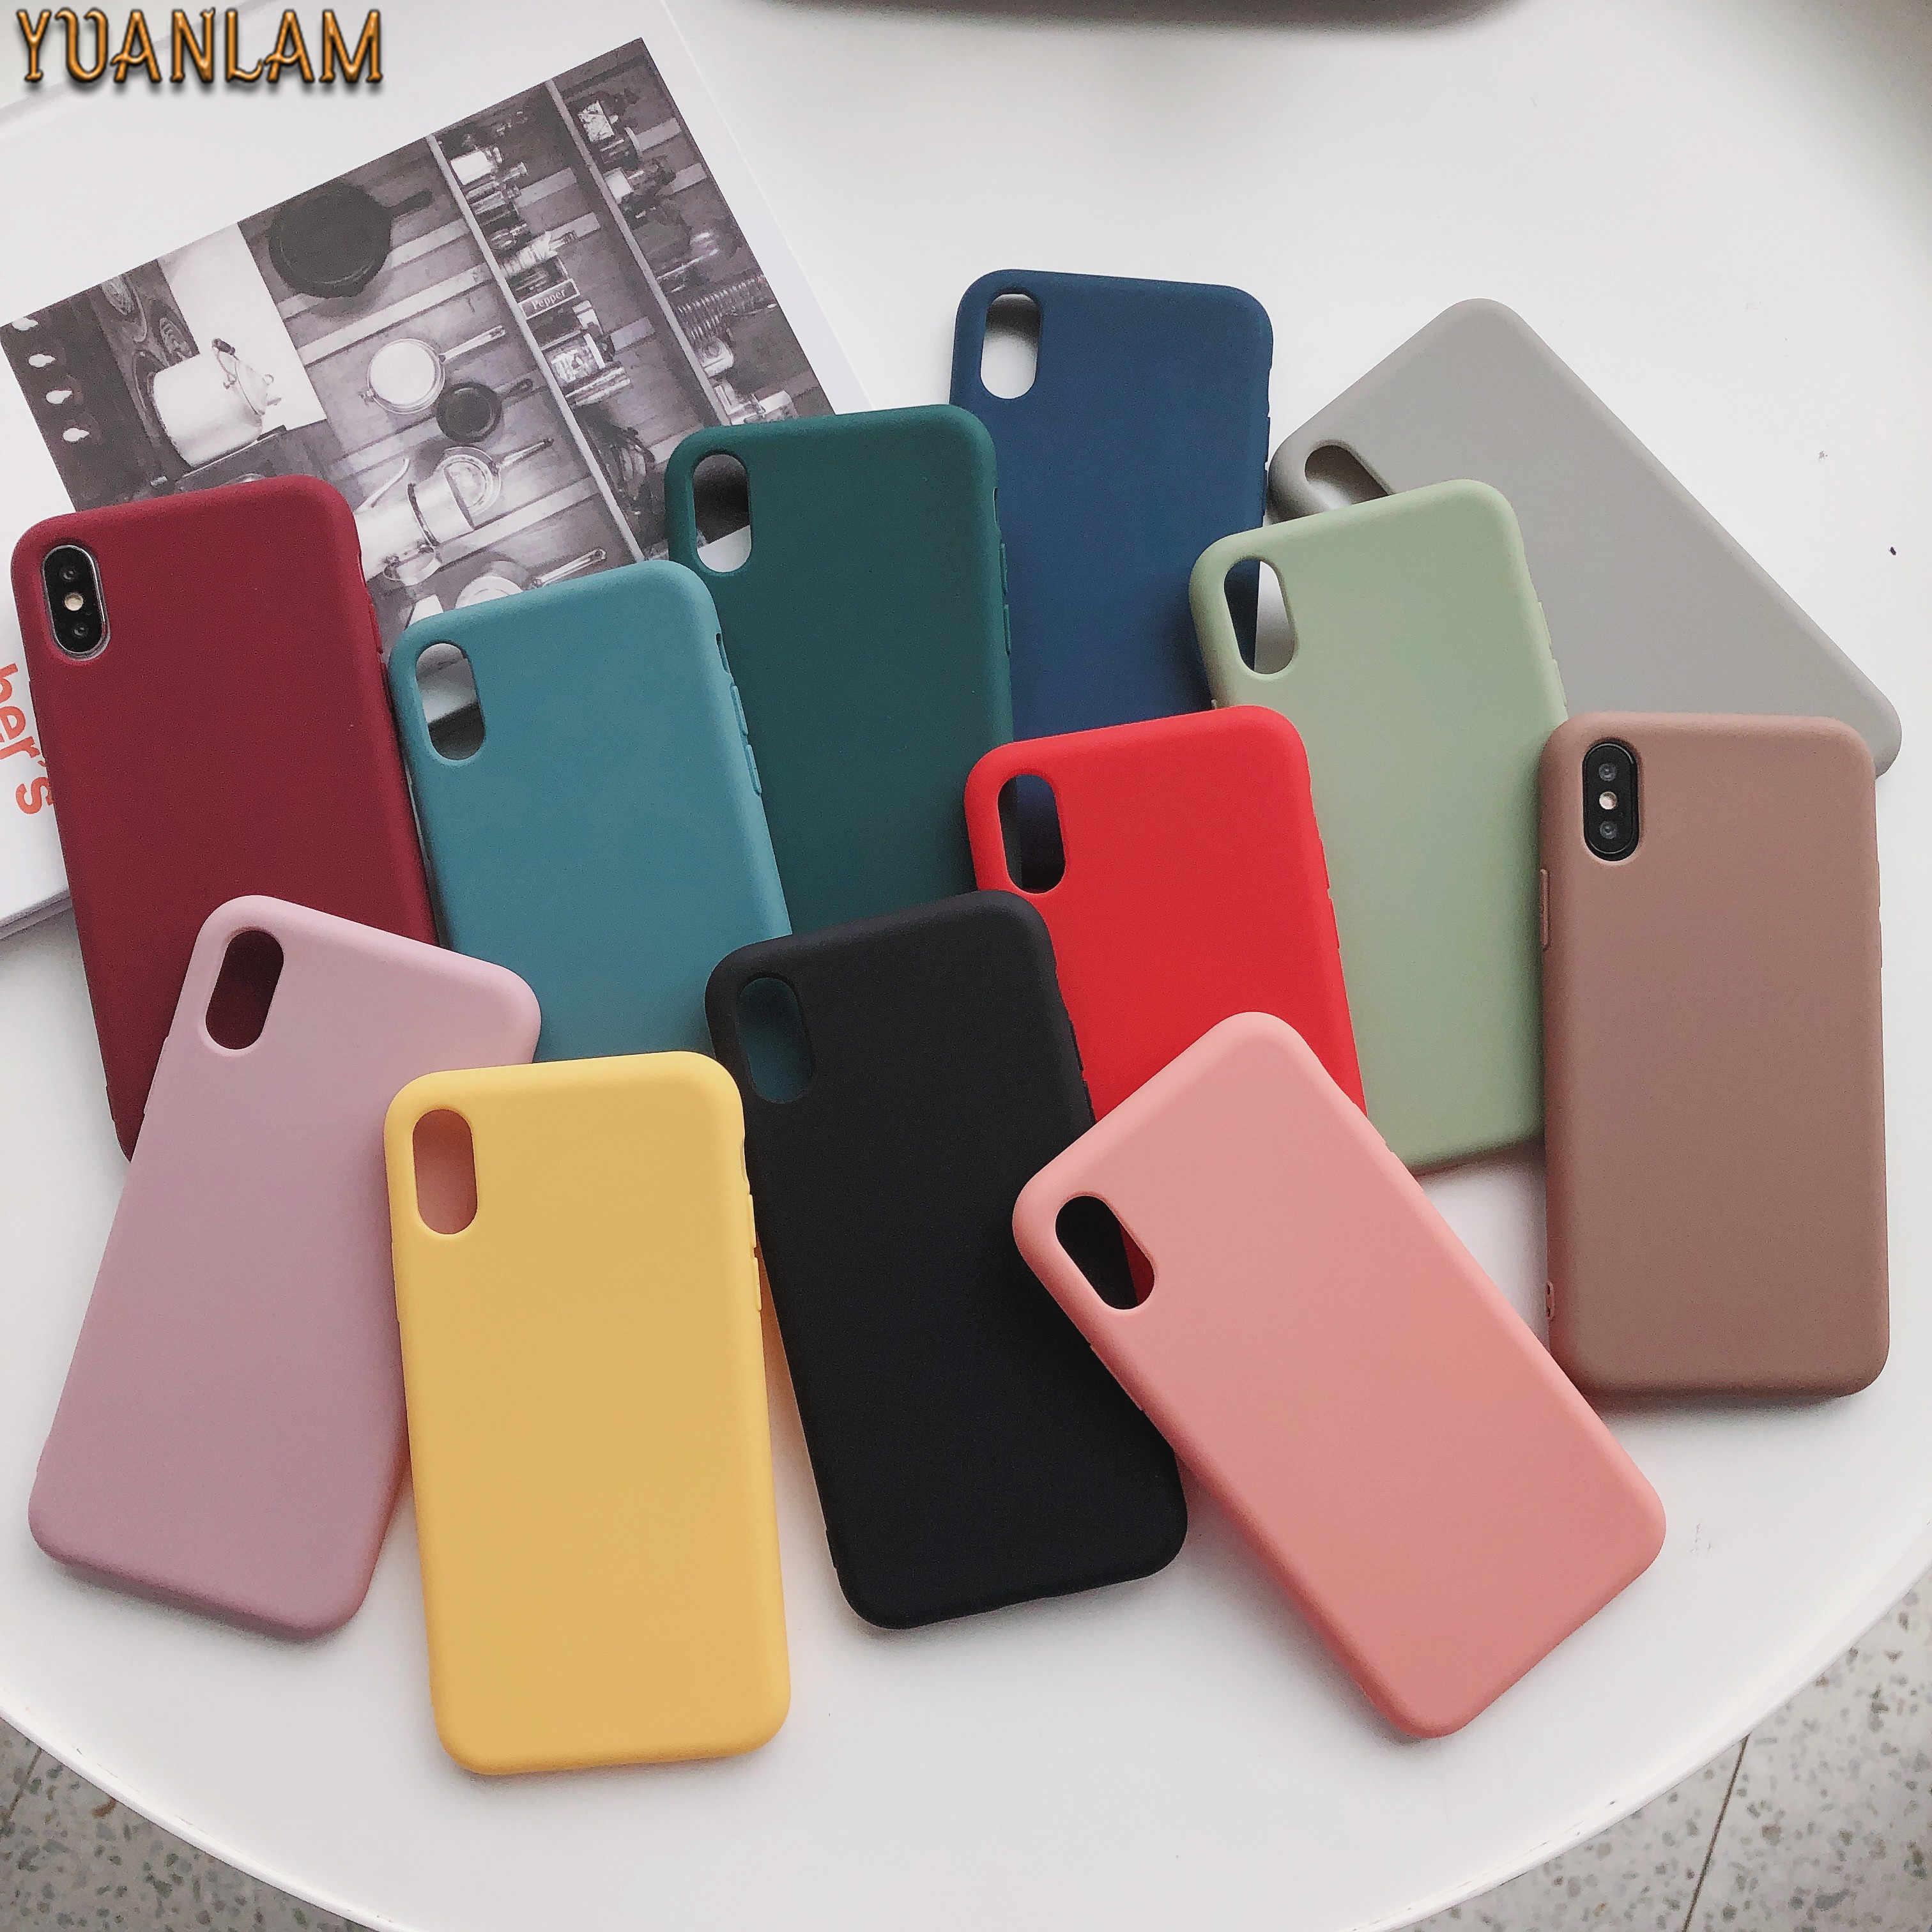 キャンディーカラーのための Iphone Xs 最大 Xs 7 8 6 6s プラス huawei p20 プロ p20 lite mate20 プロ honor 10 9 8A 8C ソフト TPU ケース